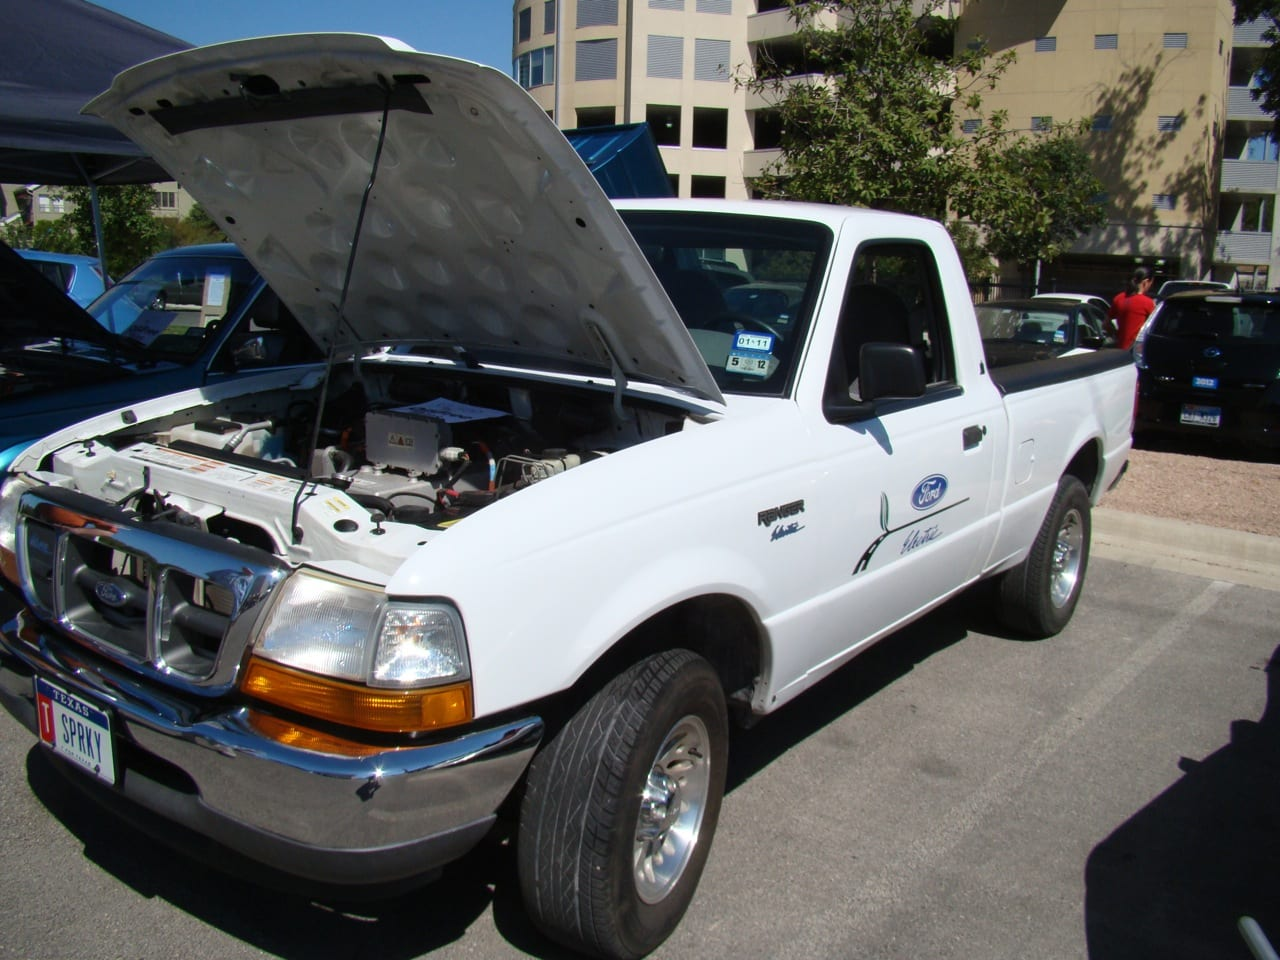 2002 Ford Ranger Ev Evbite